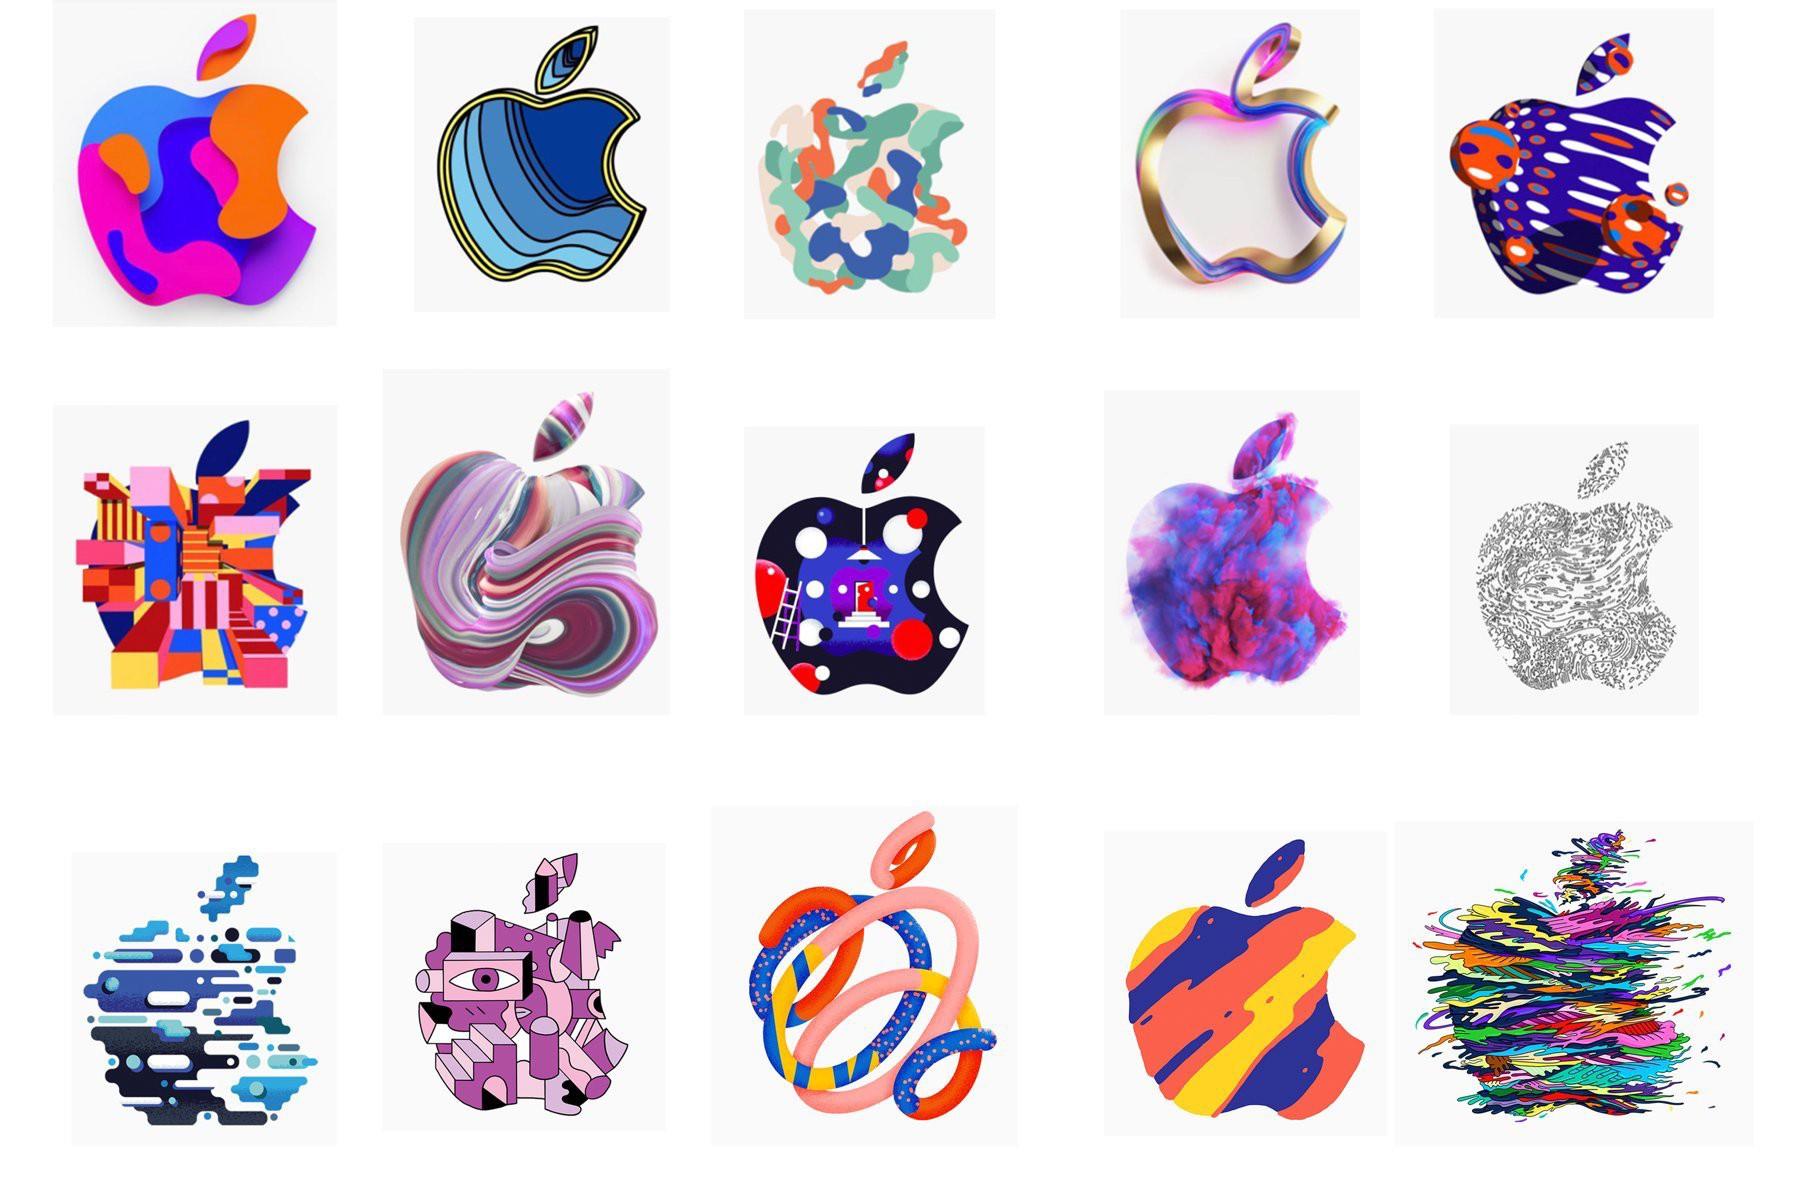 苹果首度如此大量地释出各式各样的Logo 设计